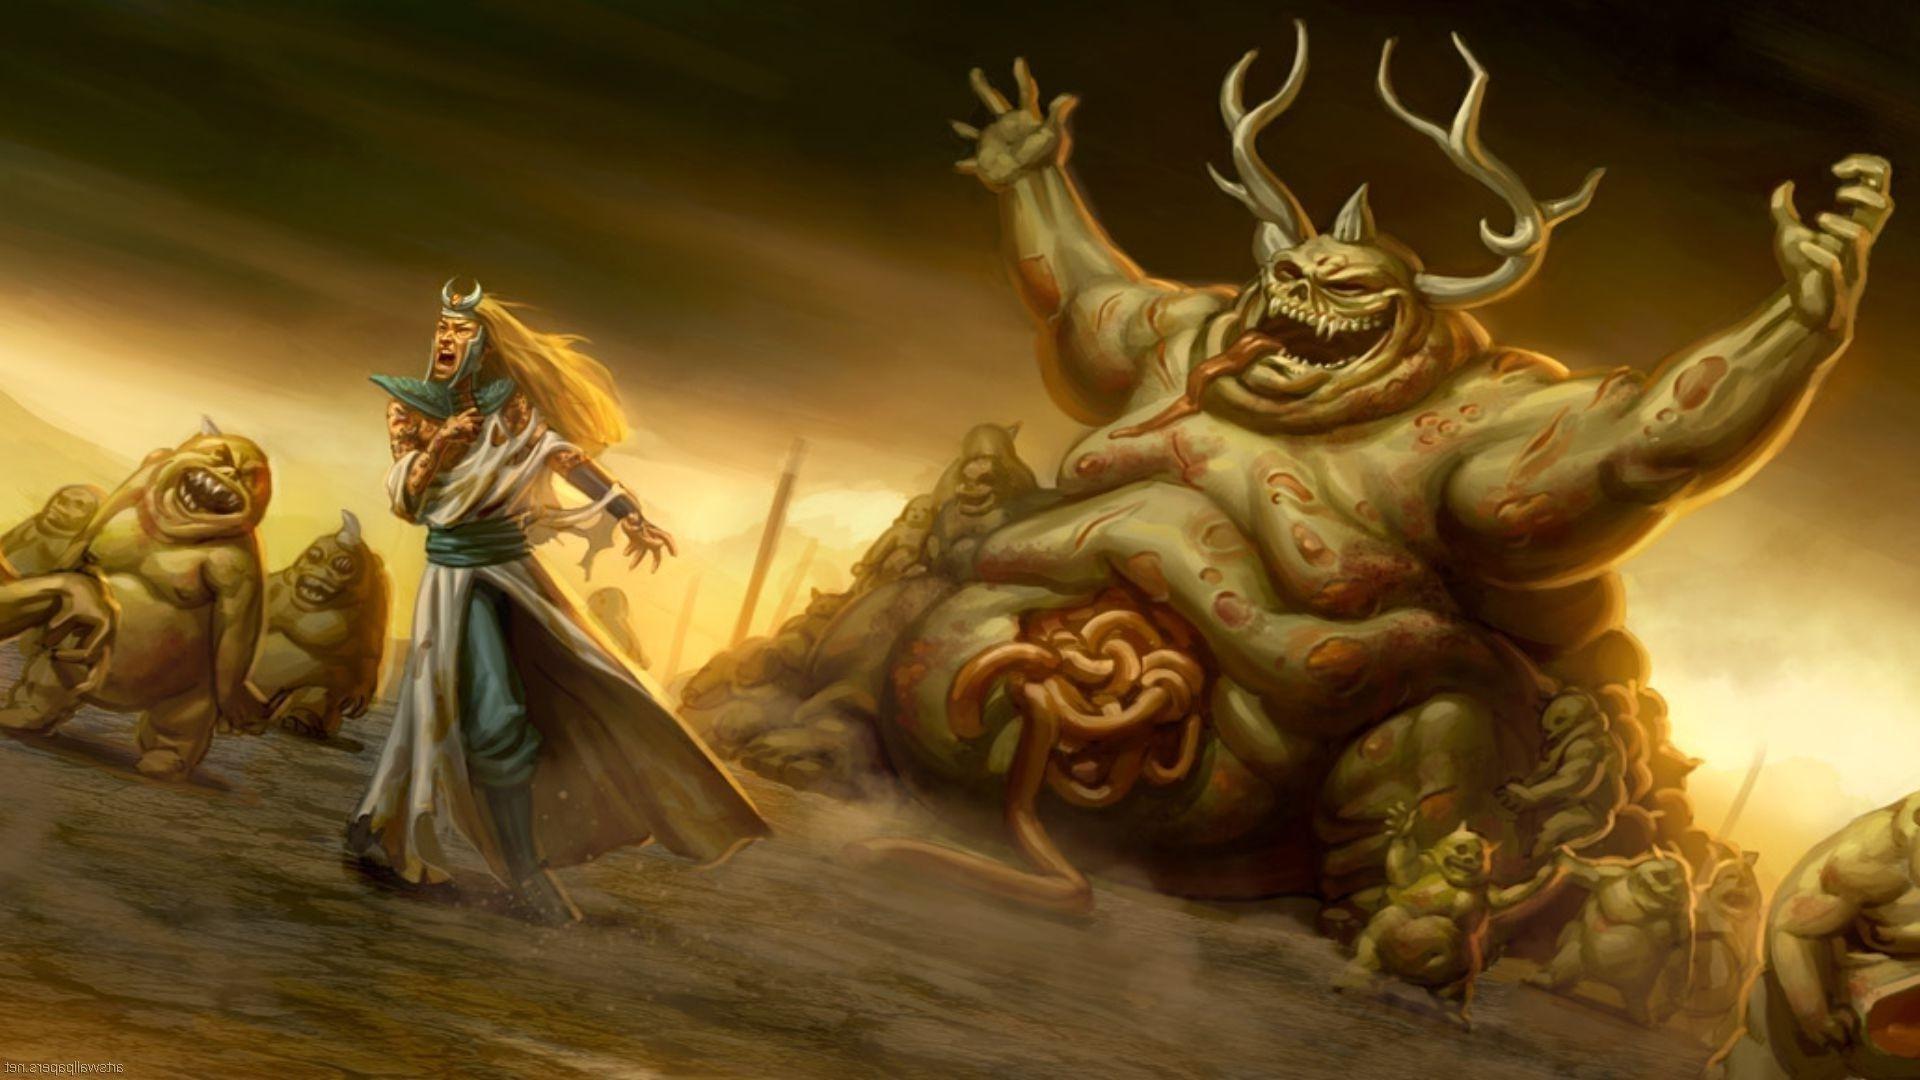 Warhammer Fantasy wallpaper #14799